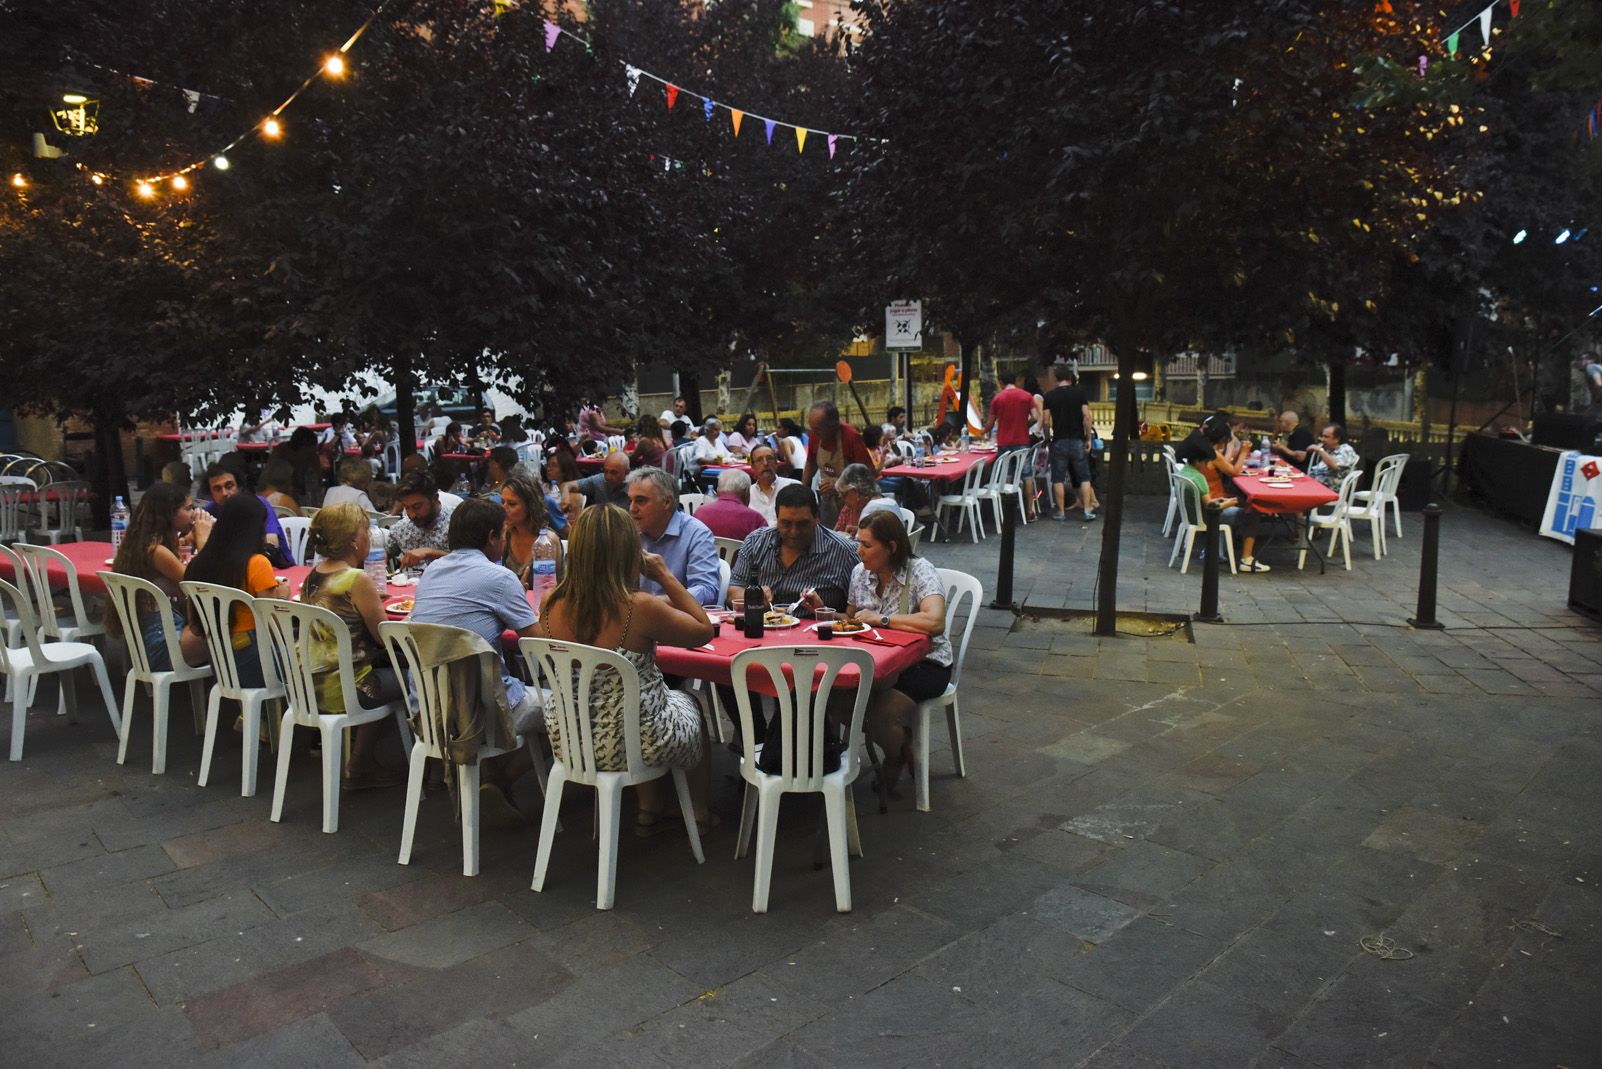 Sopar popular del barri Centre Estació. Foto: Bernat Millet.